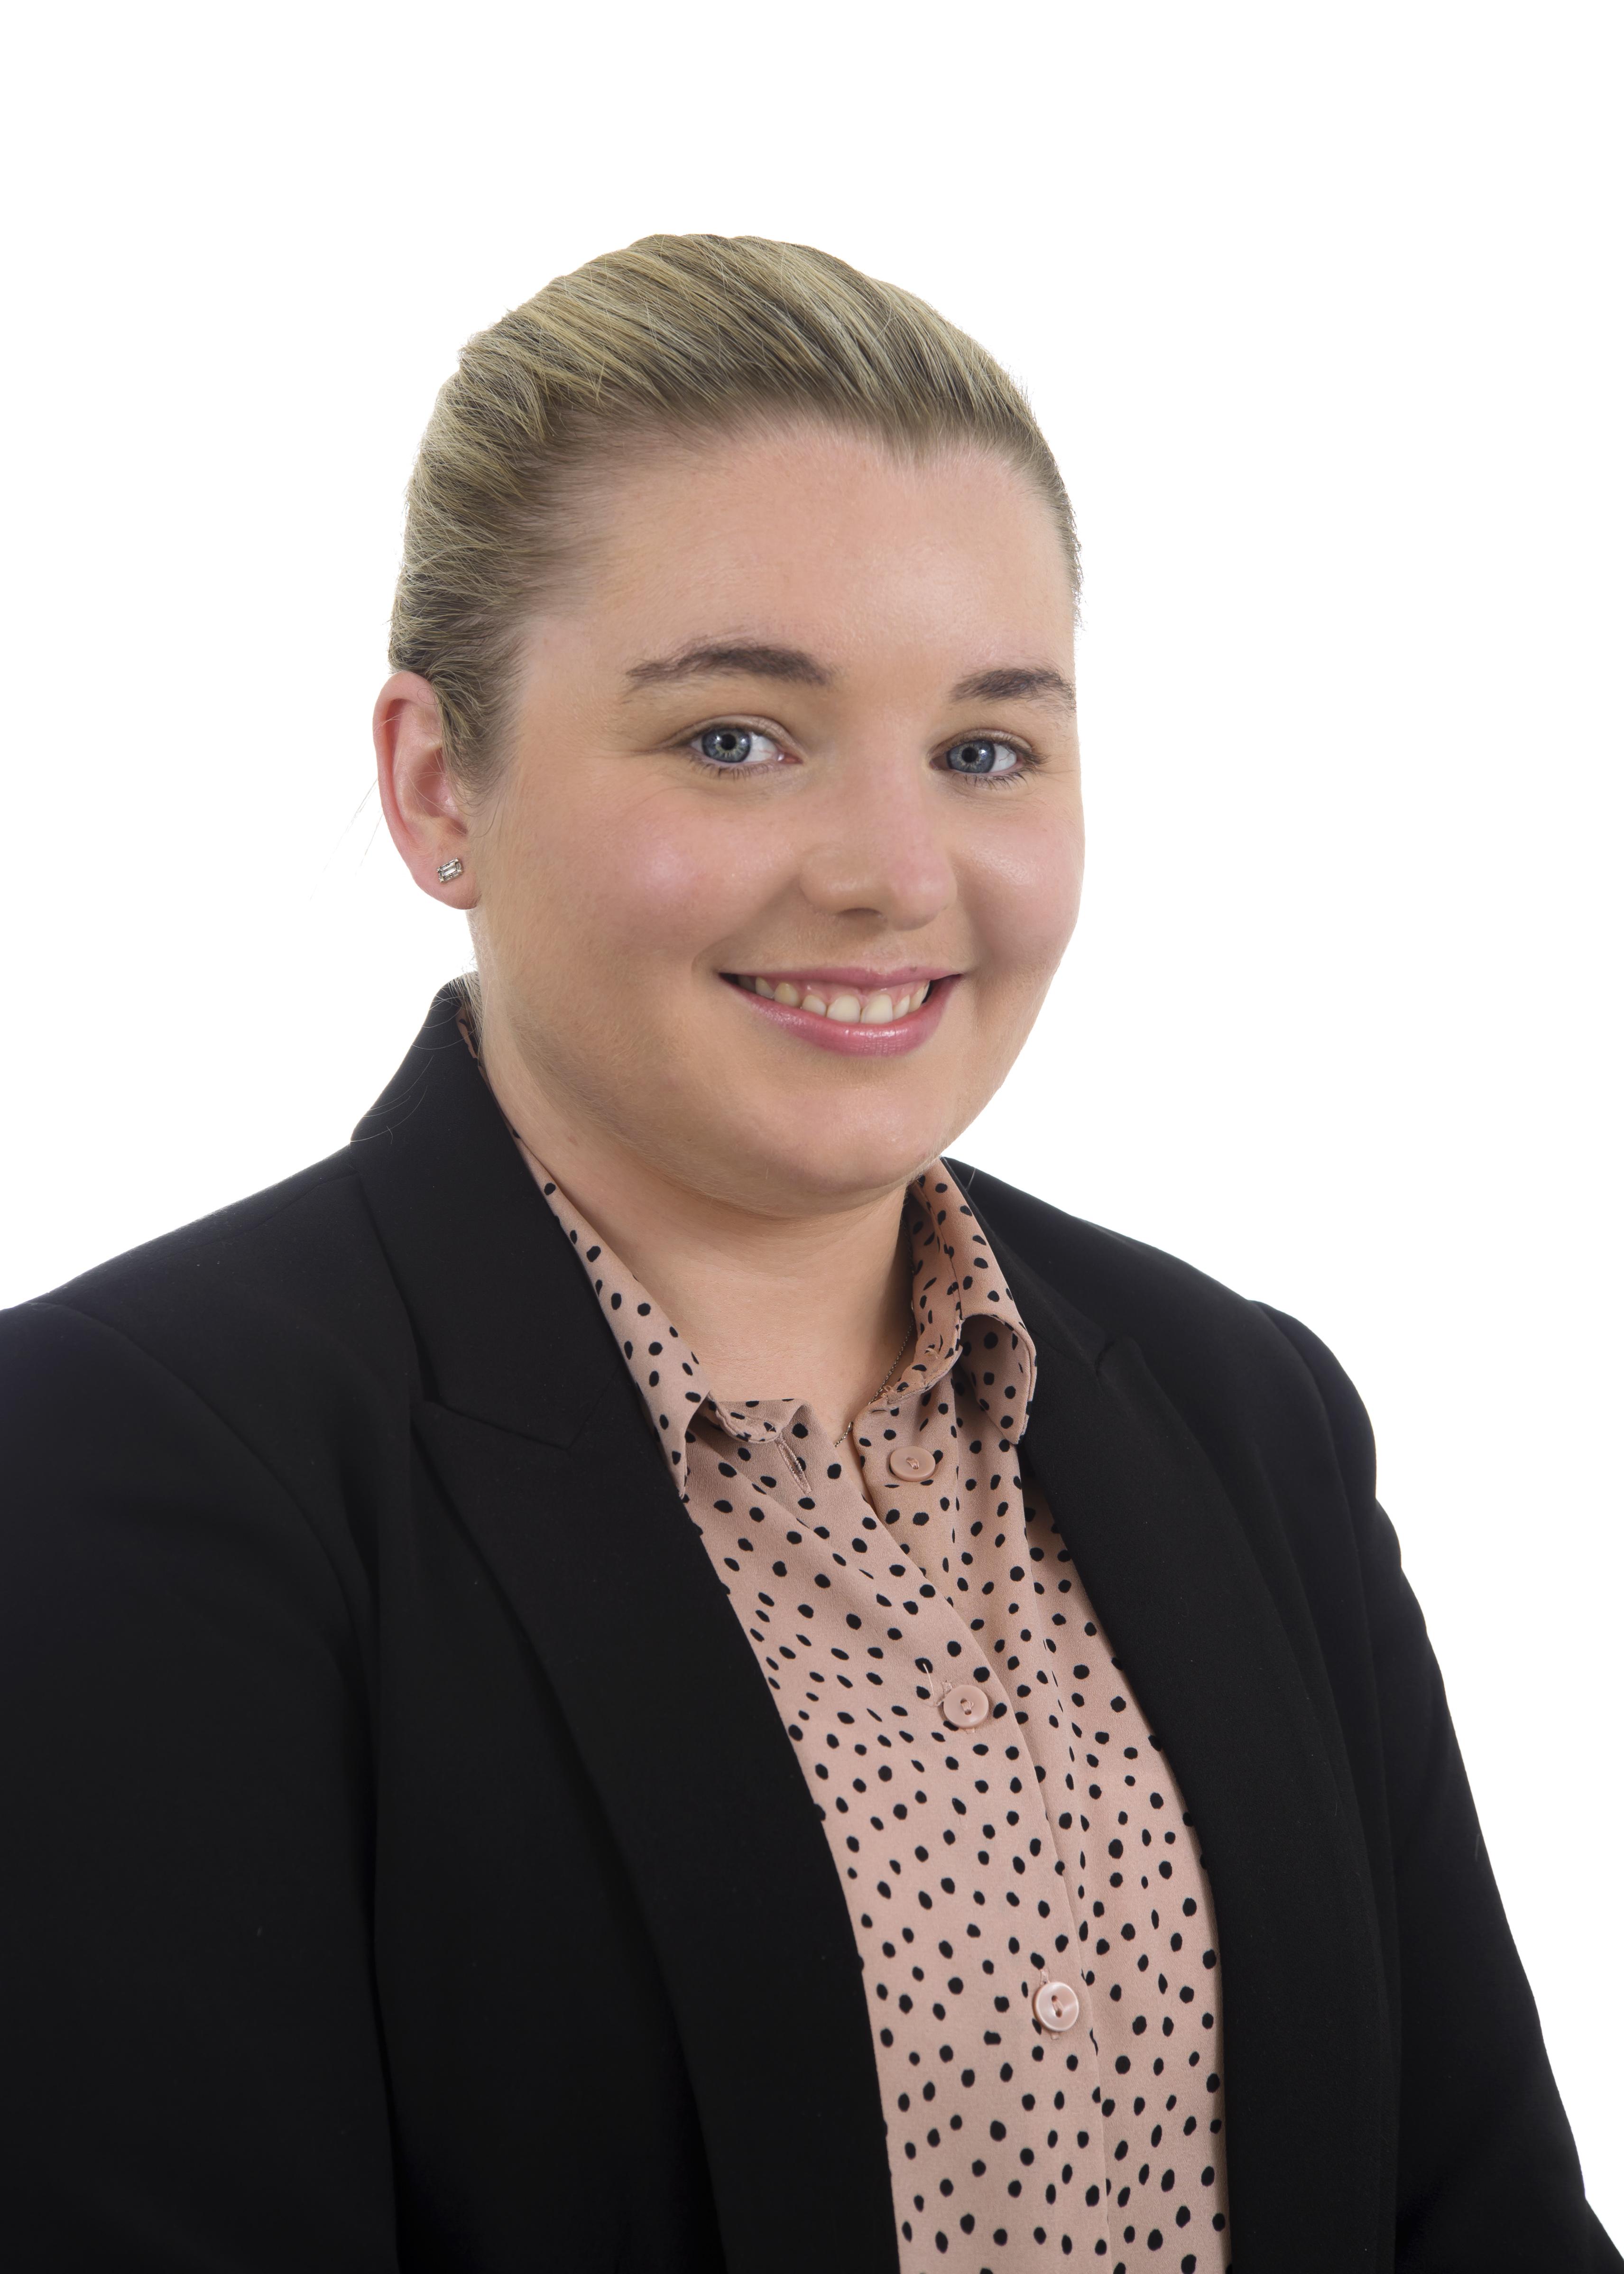 Danielle O'Brien